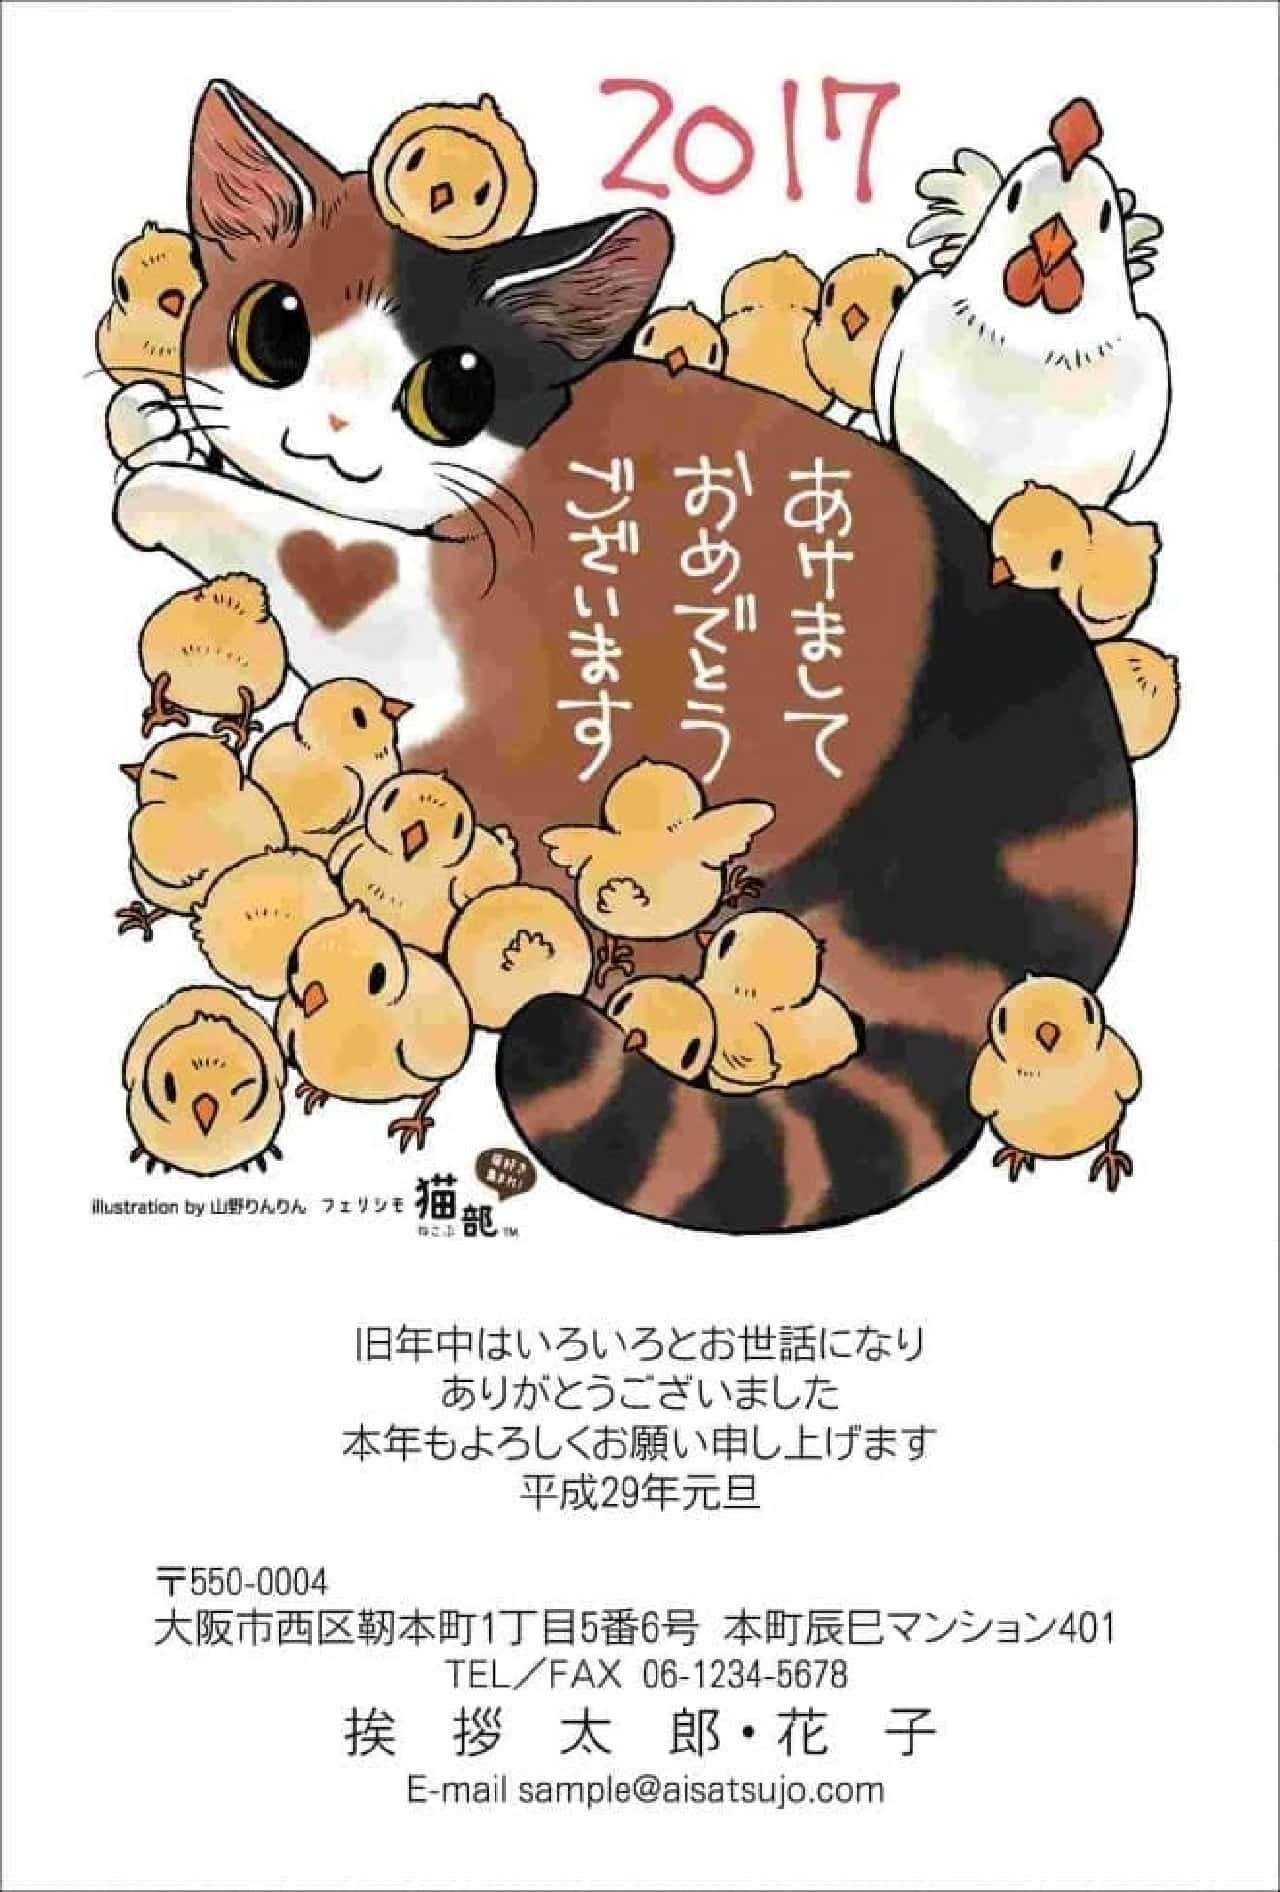 「にゃん賀状」に、フェリシモ猫部オリジナルデザイン4種